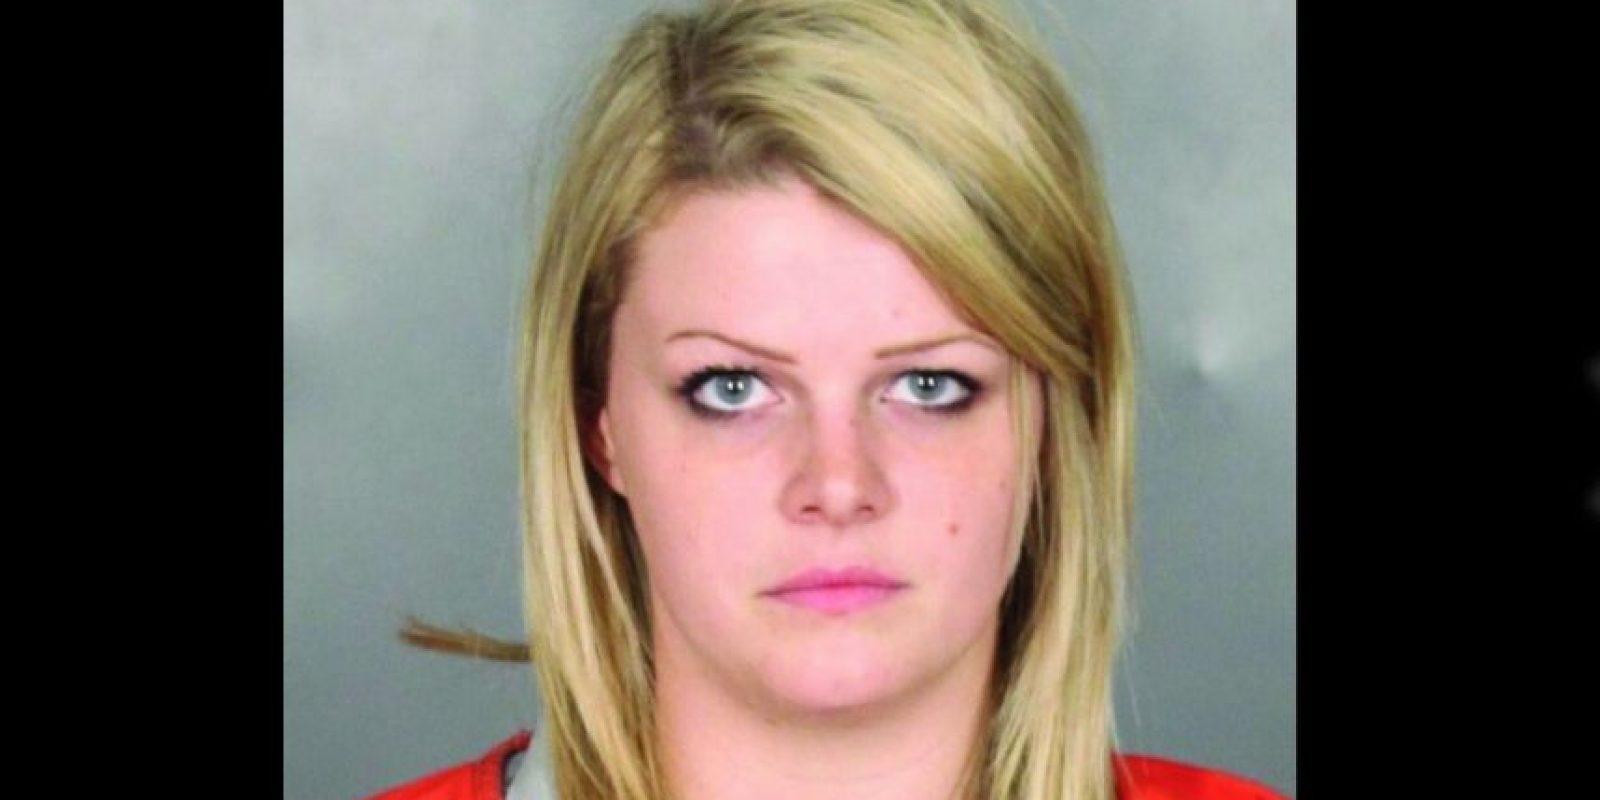 Montana Joan Davis profesor de tecnología fue arrestada por tener una relación inapropiada con un estudiante. Foto:McLennan County Jail